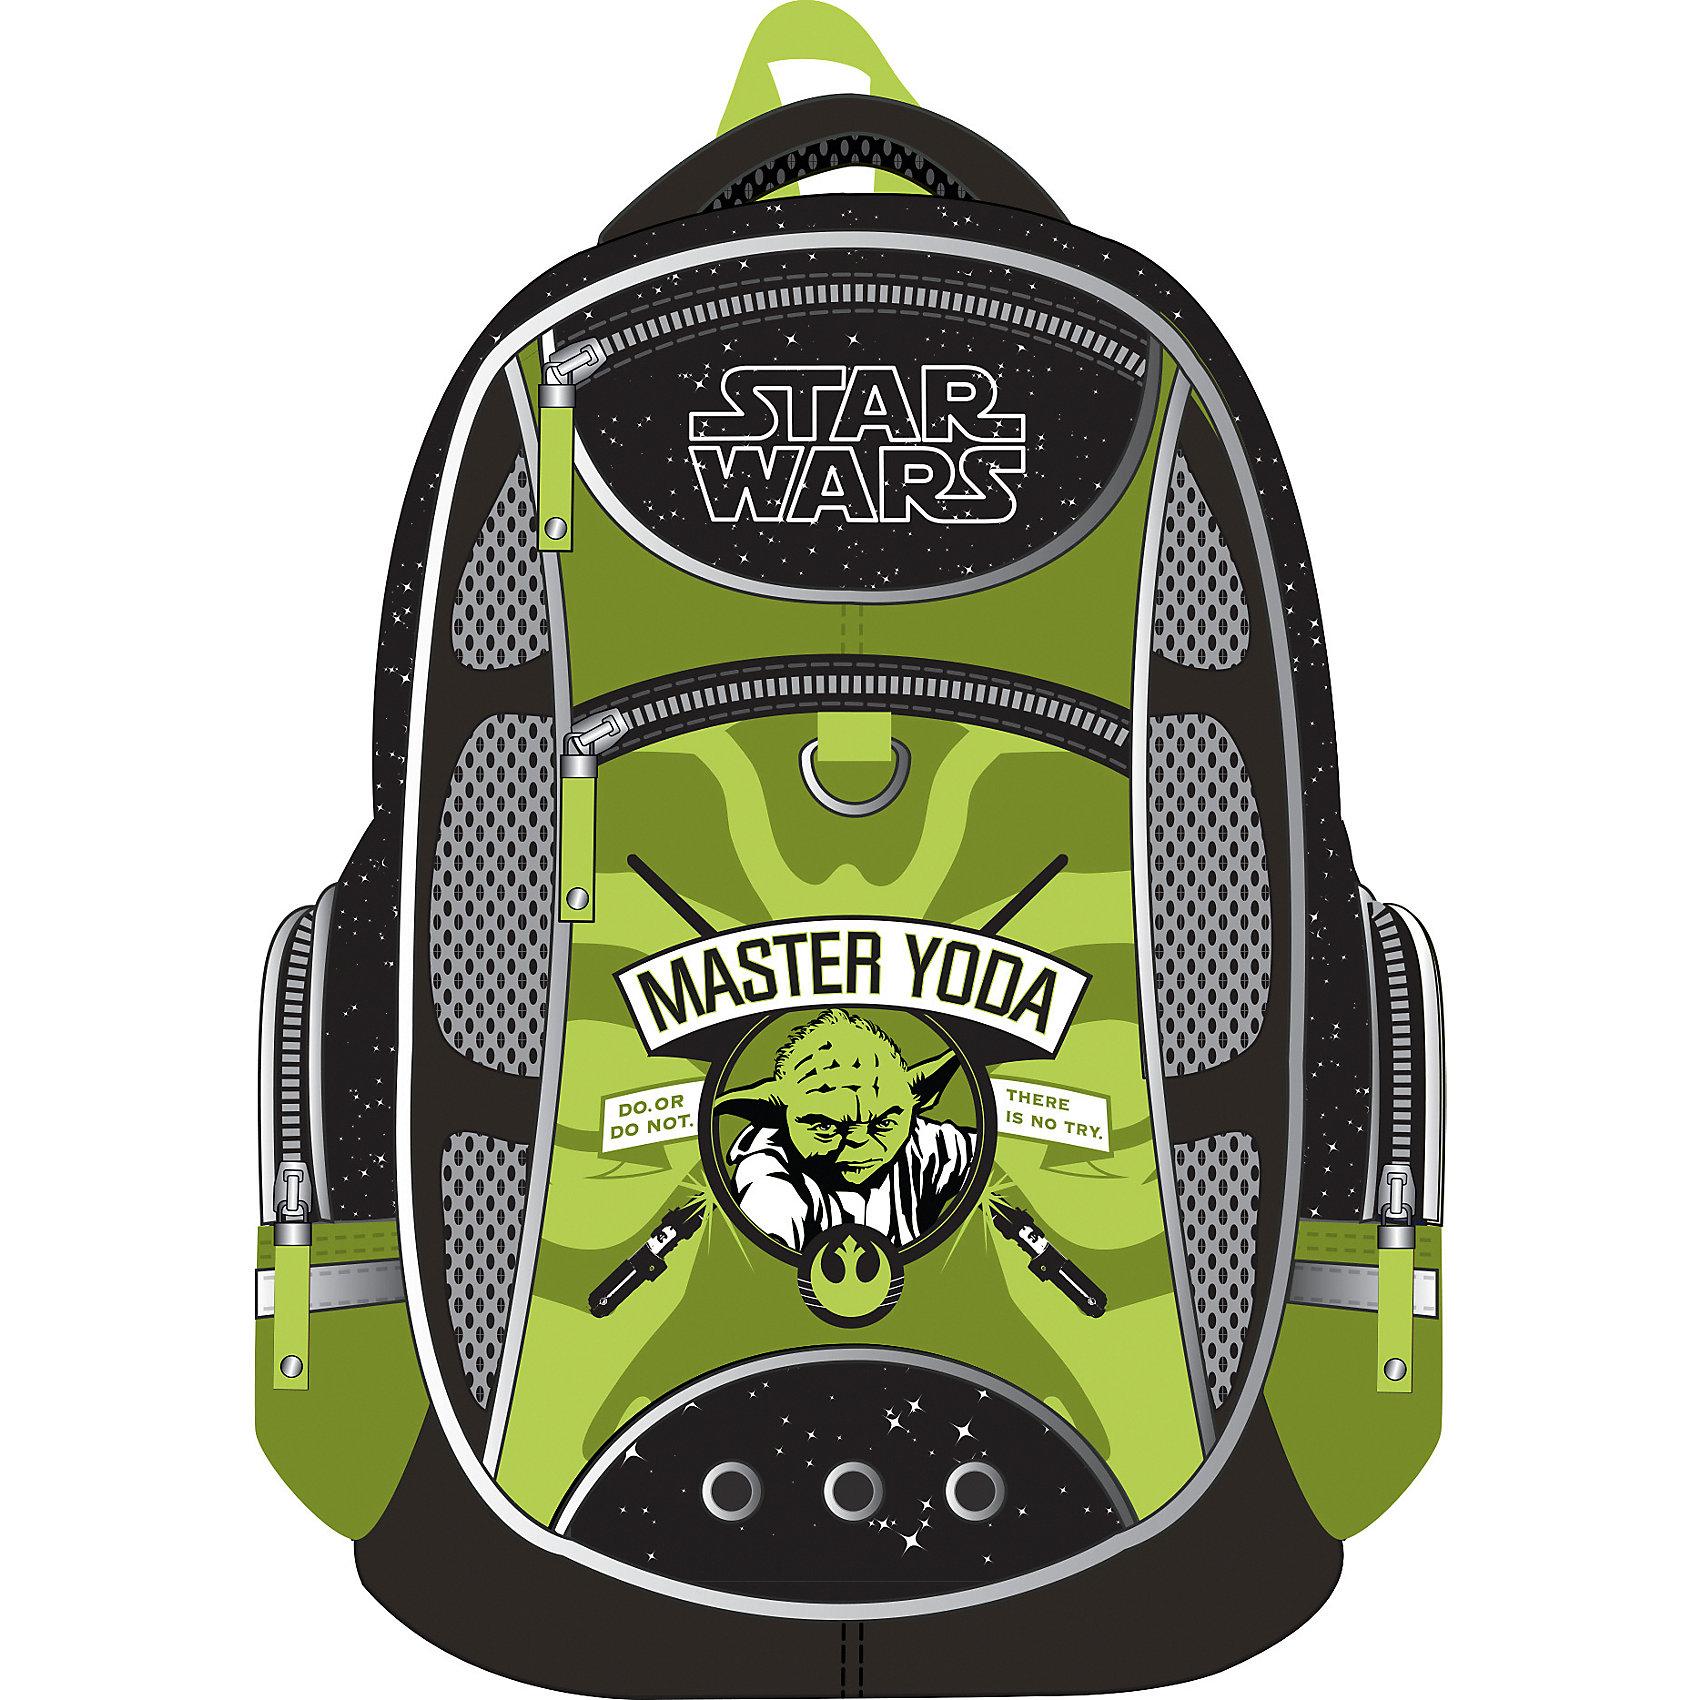 Школьный рюкзак Магистр Йода, Звездные войныЗвездные войны Товары для школы<br>Школьный рюкзак, Star Wars – этот легкий вместительный рюкзак будет надежным спутником для вашего школьника.<br>У рюкзака Star Wars эргономичная конструкция спинки из подушечек с вентиляционными каналами, которая не только не дает ребенку сутулиться, но и обеспечивает идеальную вентиляцию для спины. Уплотненные S-образные лямки из вентилируемого сетчатого материала с системой регулирования для изменения положения рюкзака одним движением позволят снизить нагрузку на плечи. Рюкзак имеет 2 отделения, два фронтальных кармана на молниях, дополнительные боковые карманы, закрывающиеся на застежки-молнии. Дно укреплено пластиковыми ножками и внутренней откидывающейся жесткой вставкой. Имеется мягкая ручка и петля для подвешивания. Светоотражающие элементы, расположенные с 3х сторон изделия, обеспечивает большую безопасность в темноте.<br><br>Дополнительная информация:<br><br>- Размер: 44 x 31 x 16 см.<br>- Вес: 450 гр.<br>- Материал: полиэстер<br><br>Школьный рюкзак, Star Wars можно купить в нашем интернет-магазине.<br><br>Ширина мм: 280<br>Глубина мм: 140<br>Высота мм: 380<br>Вес г: 810<br>Возраст от месяцев: 72<br>Возраст до месяцев: 120<br>Пол: Унисекс<br>Возраст: Детский<br>SKU: 7049497